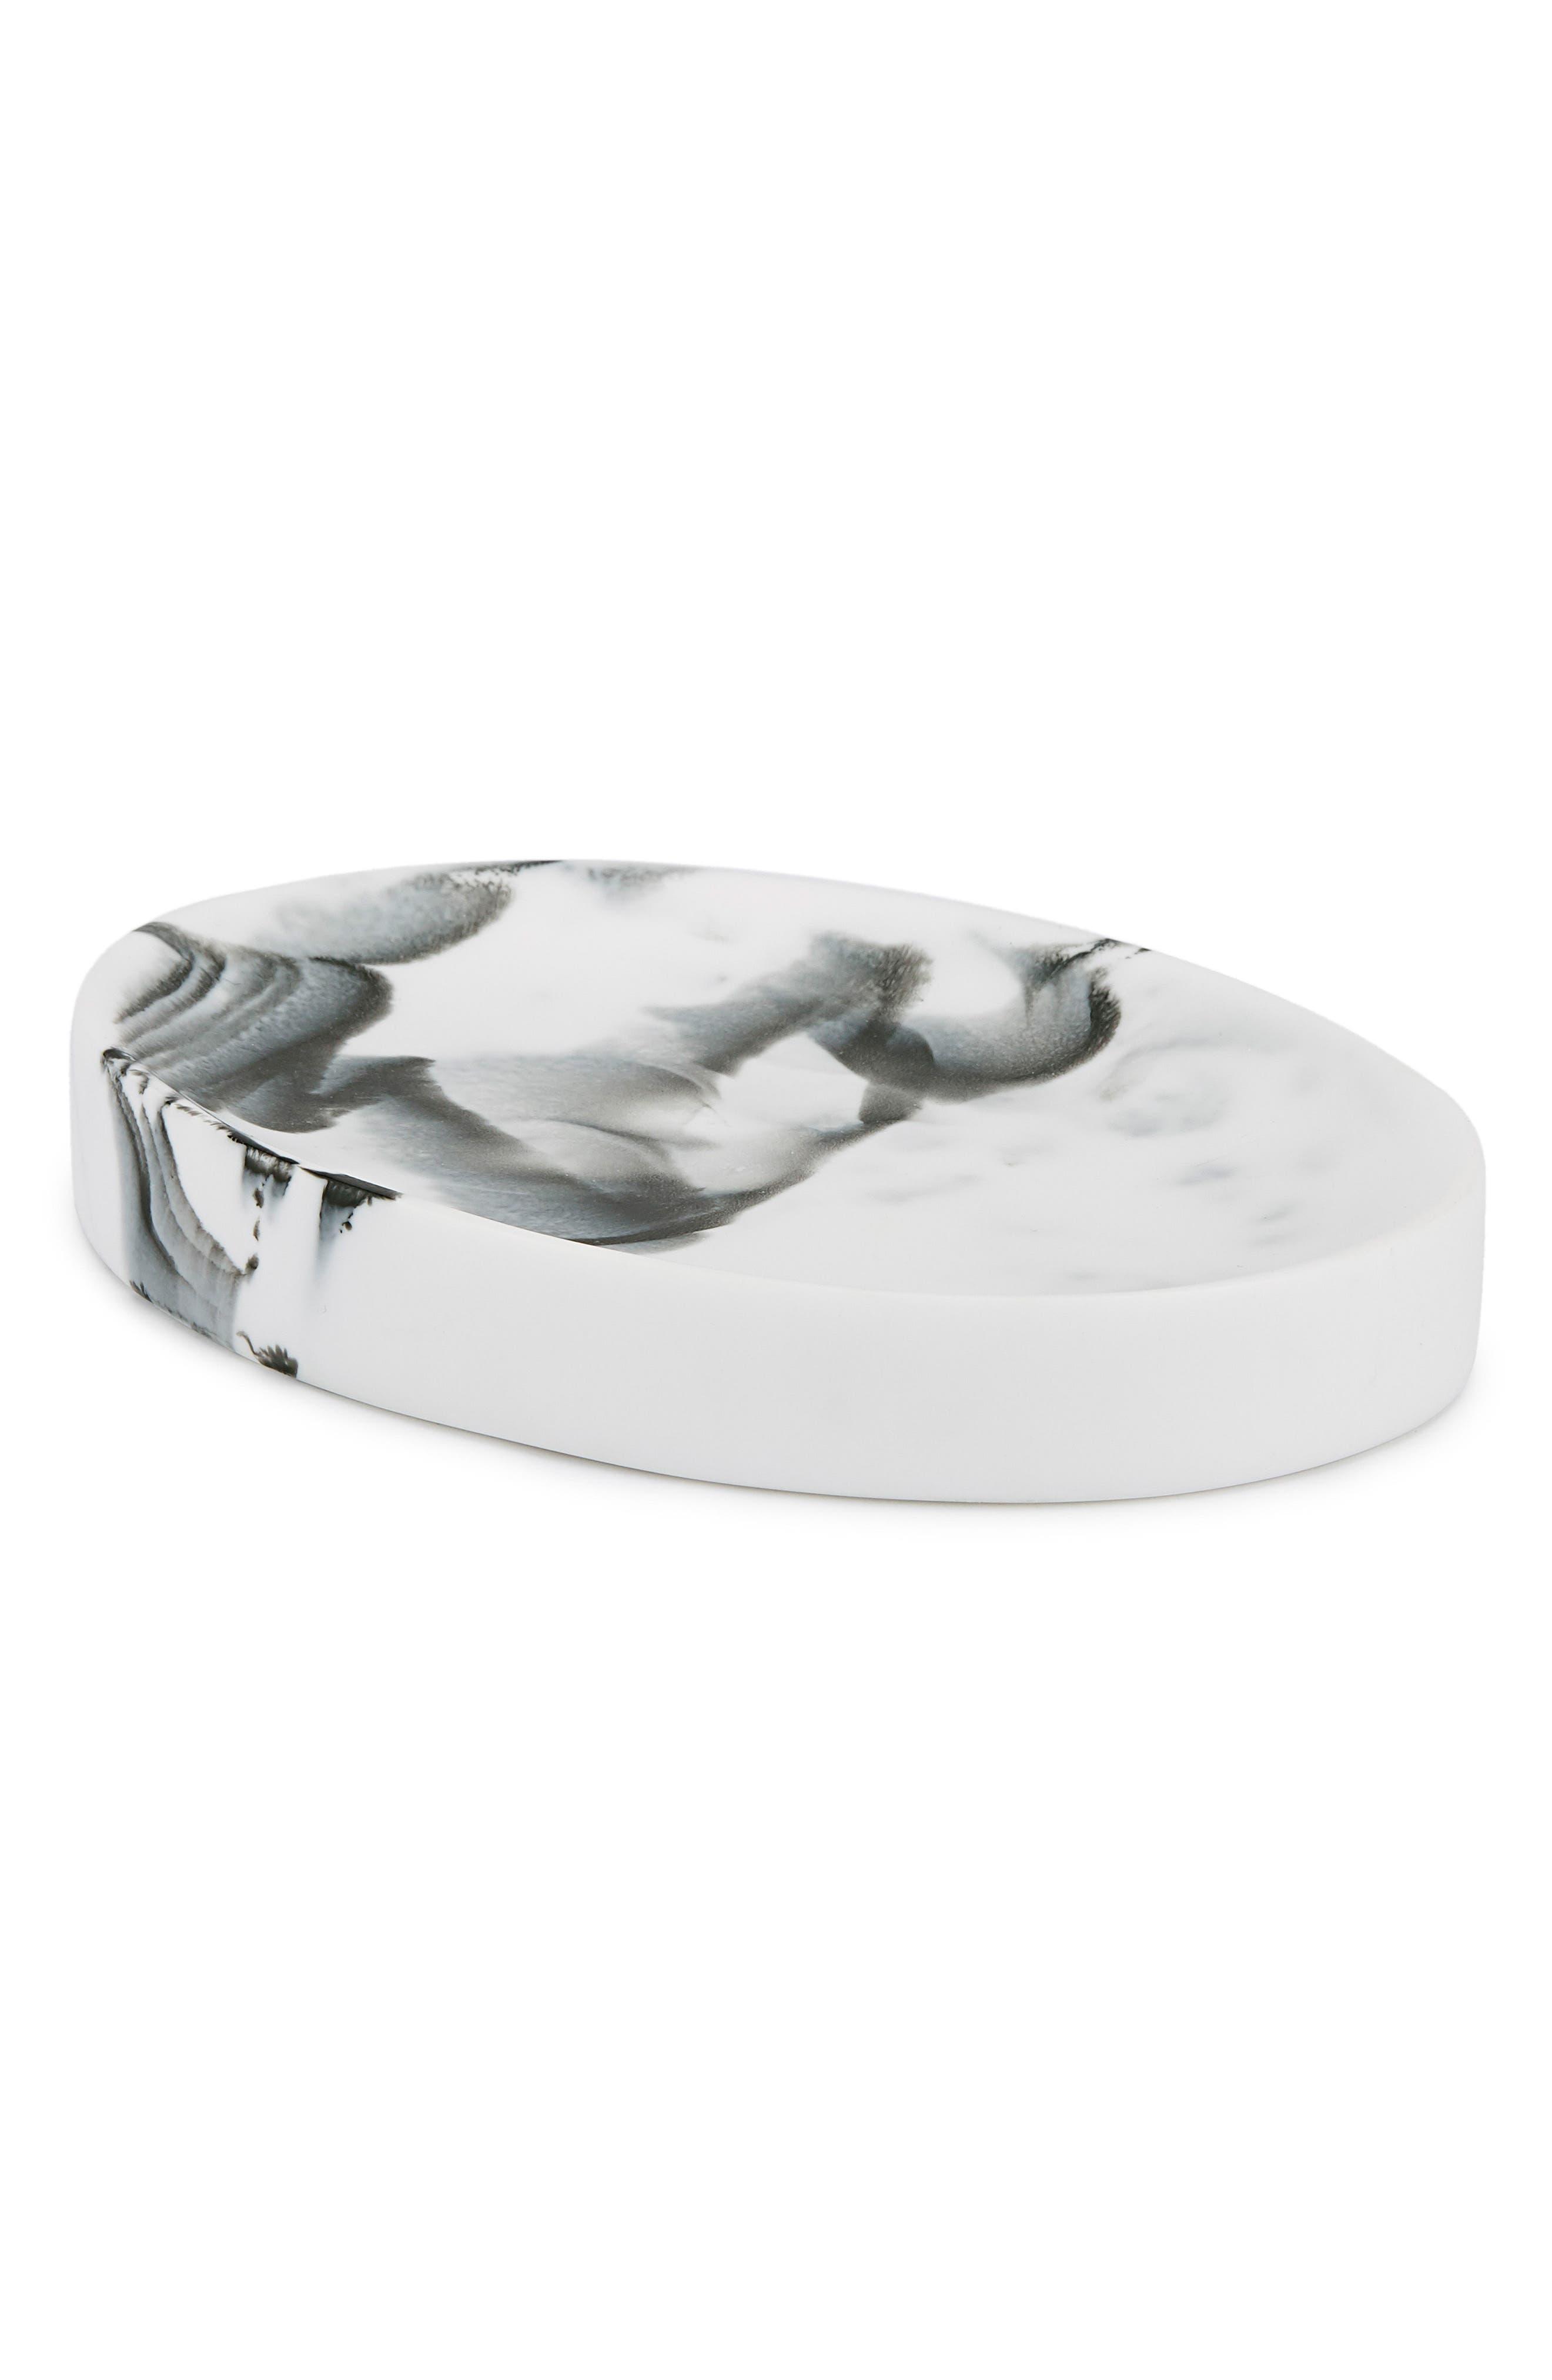 Arabesco Resin Soap Dish,                             Main thumbnail 1, color,                             WHITE/ BLACK